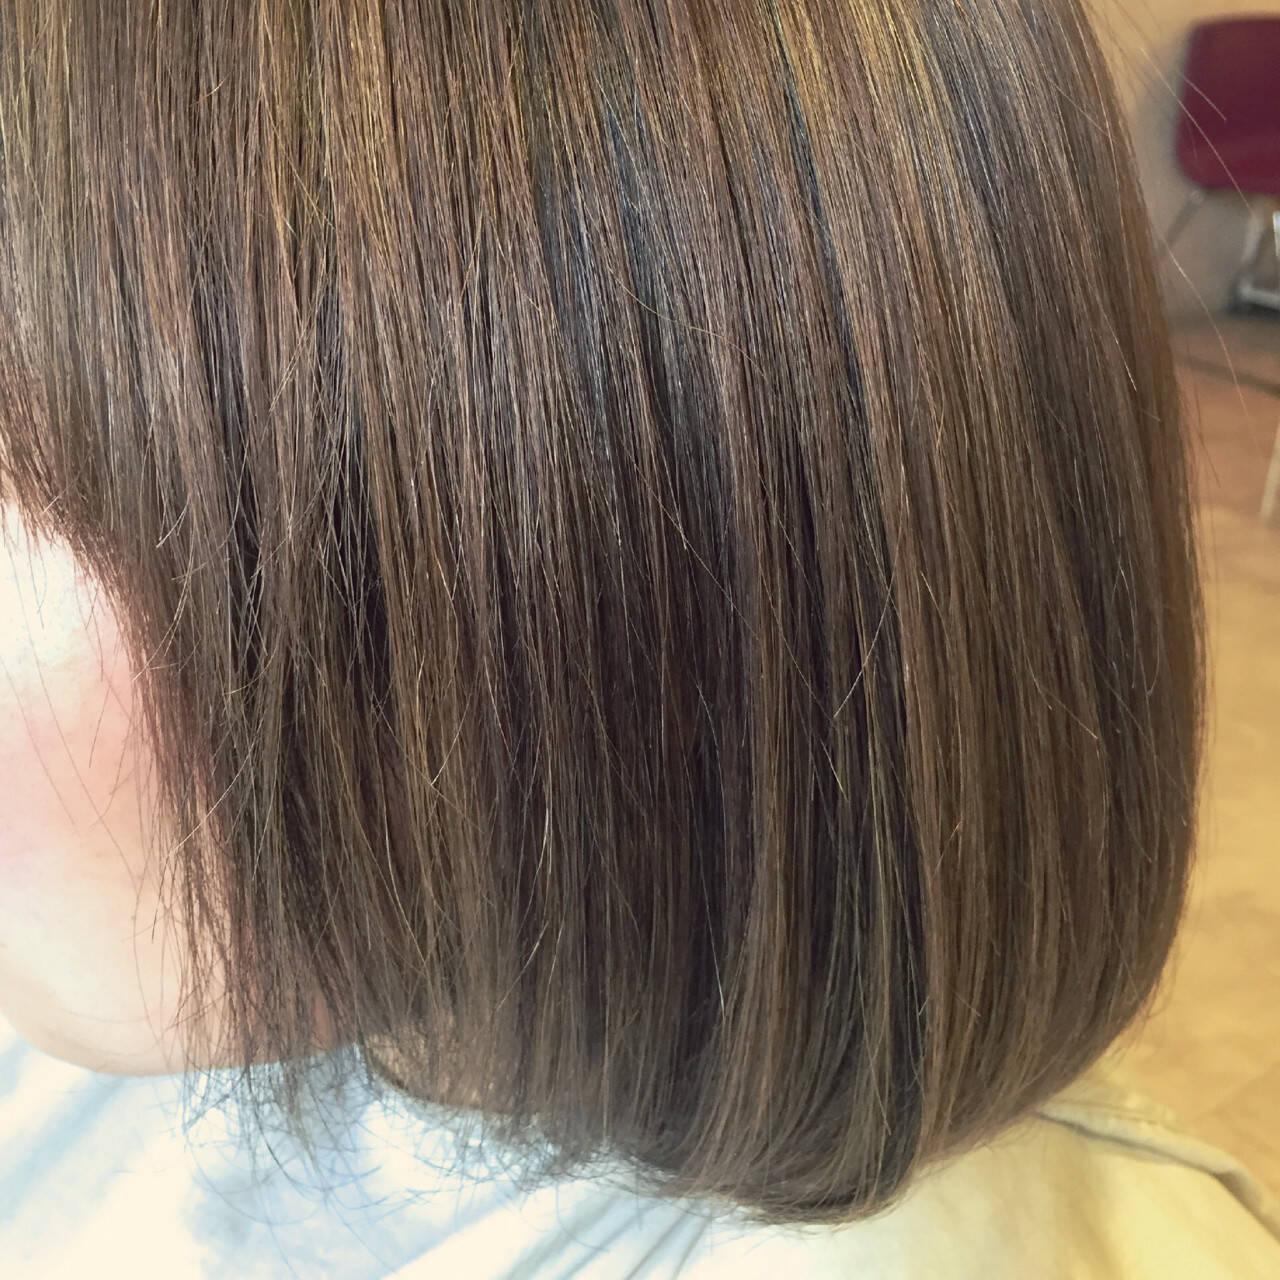 ミルクティーベージュ ハイライト ミルクティー ボブヘアスタイルや髪型の写真・画像